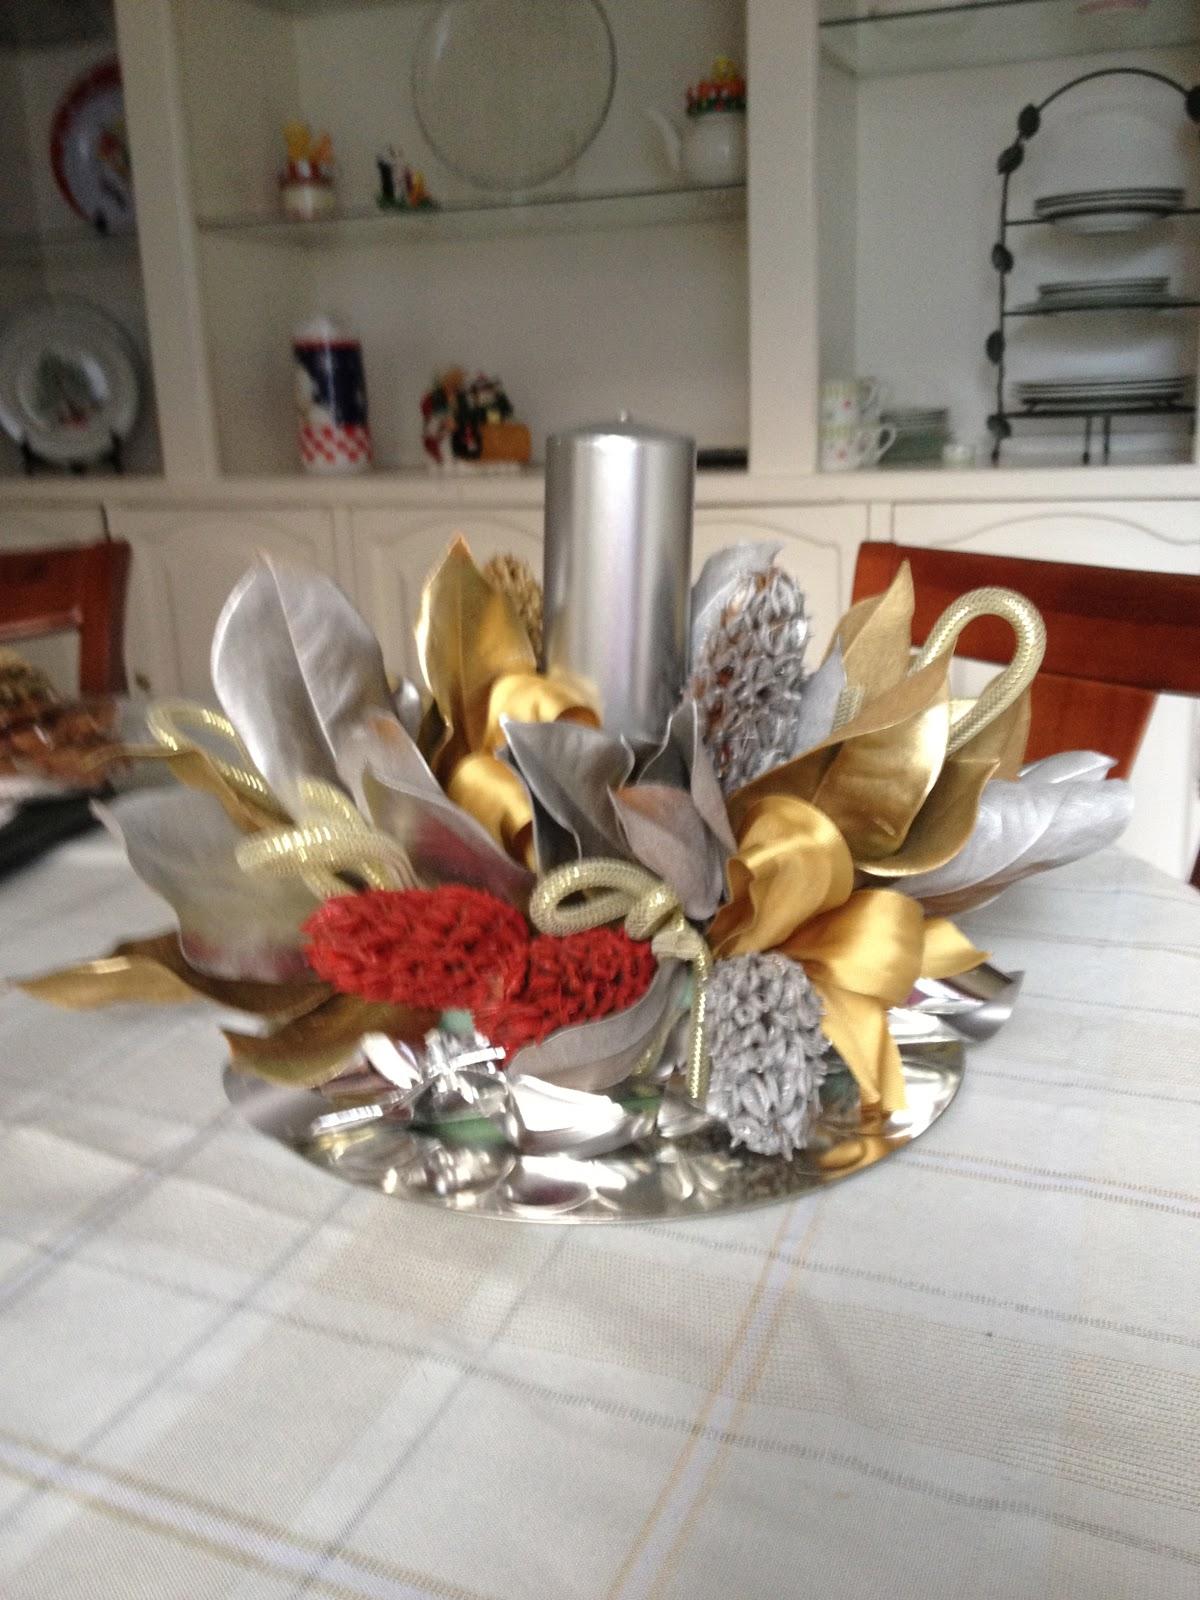 Bola s reposteria arreglo de mesa navide o for Arreglos navidenos para mesa